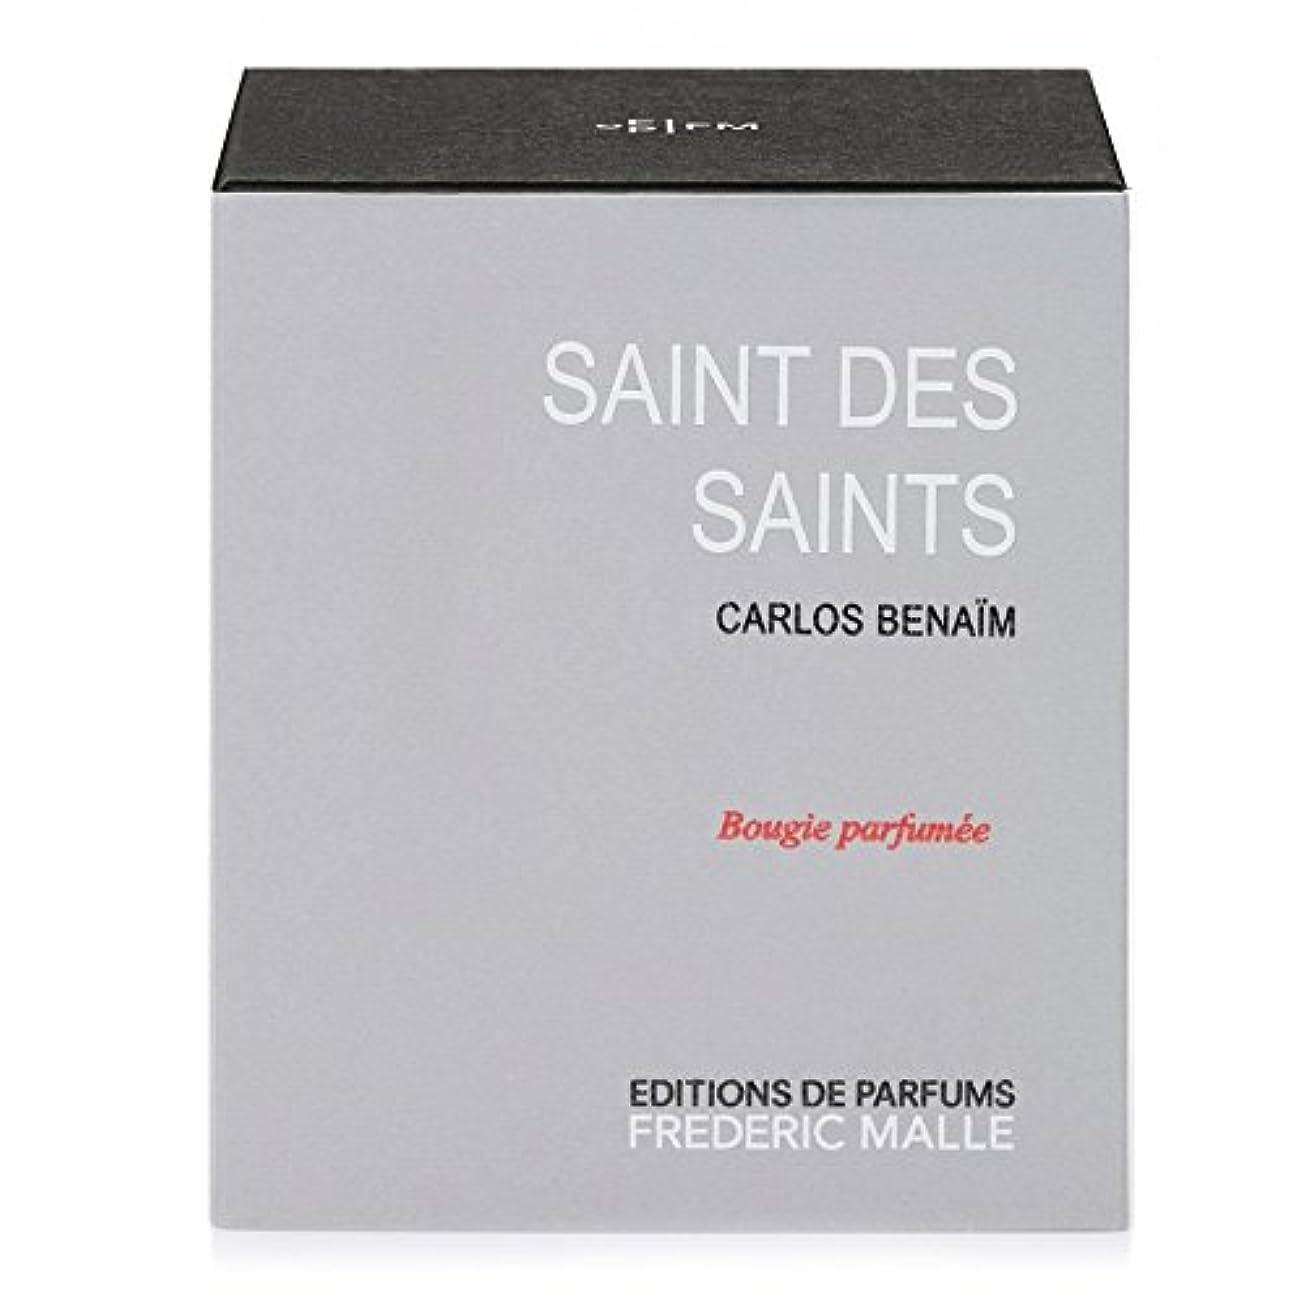 登録純正悲観主義者Frederic Malle Saint Des Saints Scented Candle 220g (Pack of 4) - フレデリック?マル聖人デ聖人の香りのキャンドル220グラム x4 [並行輸入品]